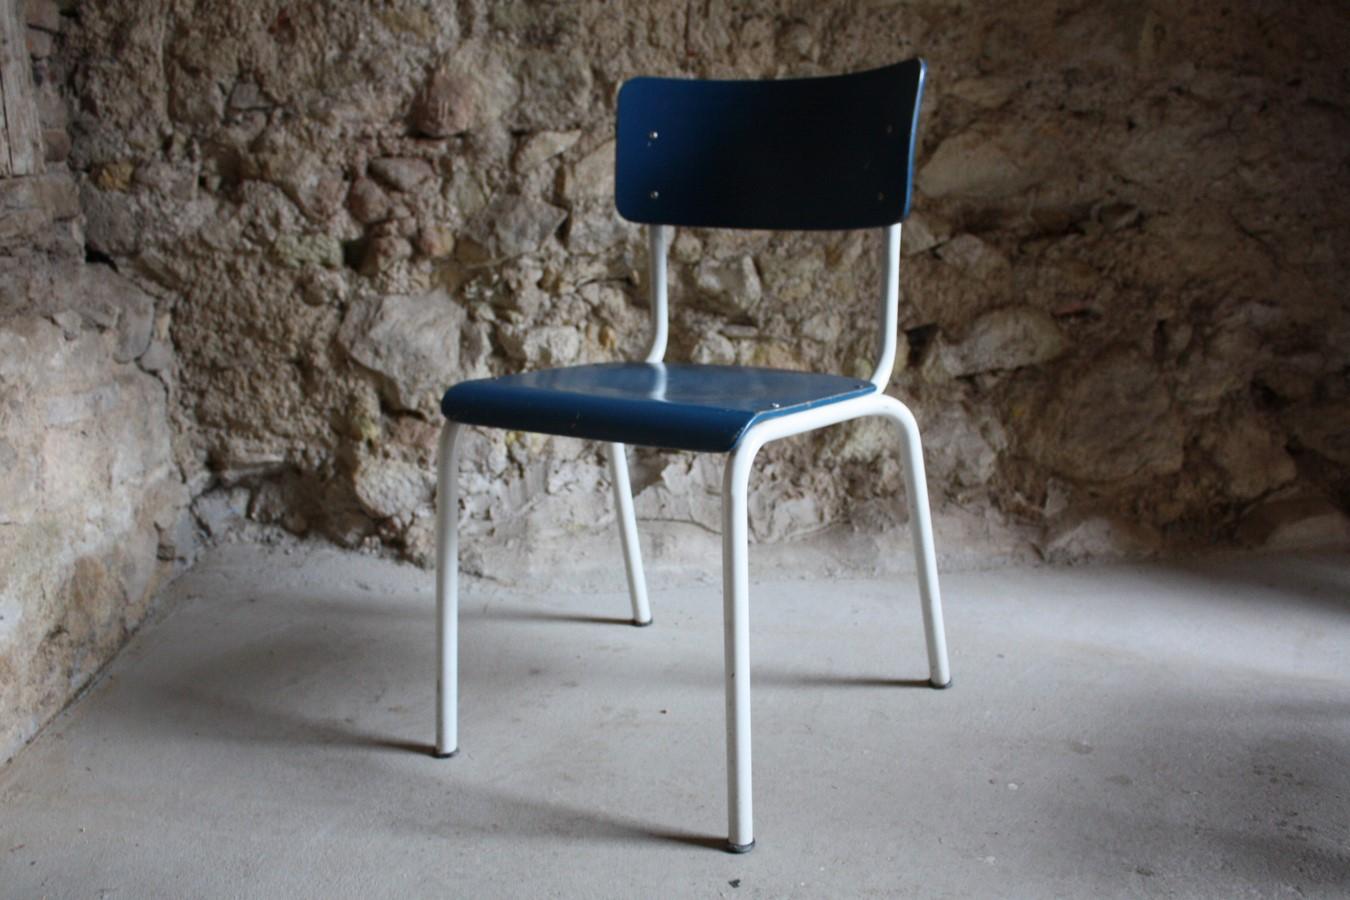 Stuhl gebraucht bauhaus schulstuhl vintage mobel 5 - Gebrauchte vintage mobel ...